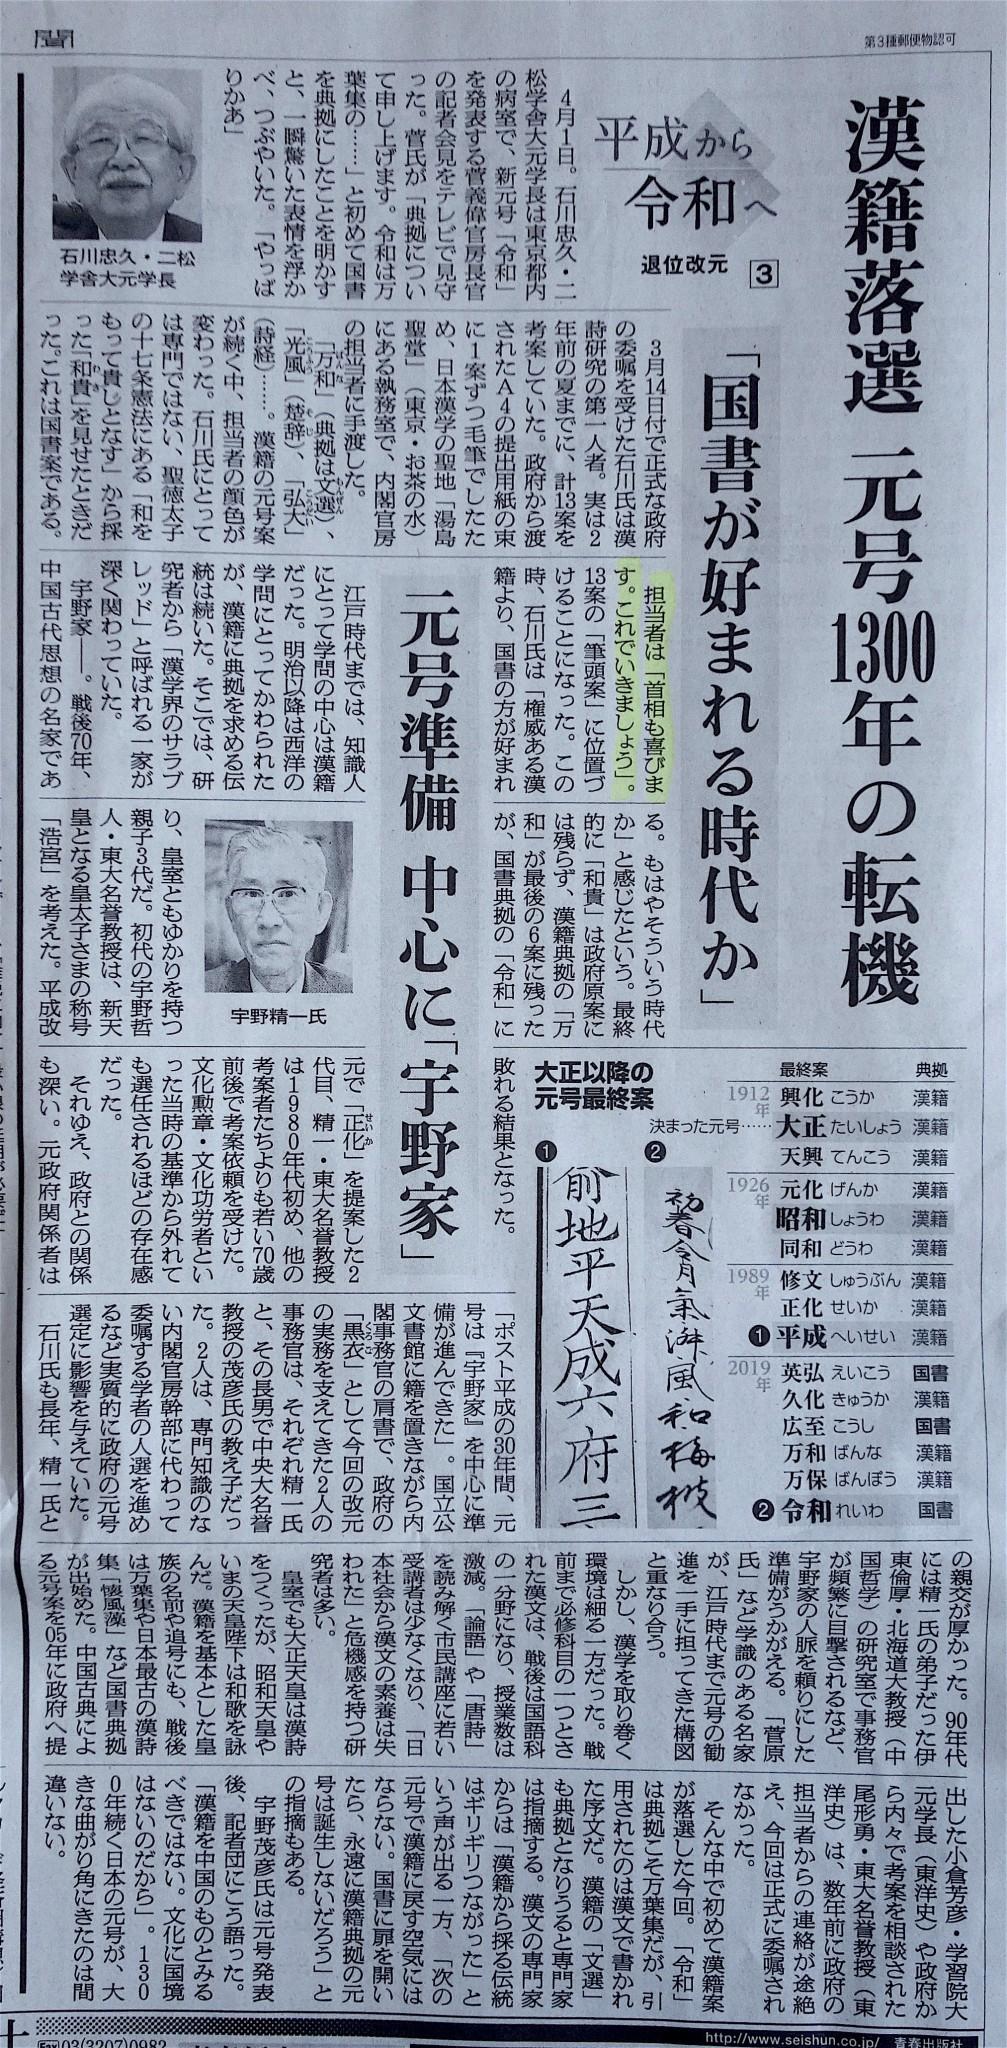 新元号令和。担当者は「首相も喜びます。これでいきましょう」朝日新聞、平成31年4月4日